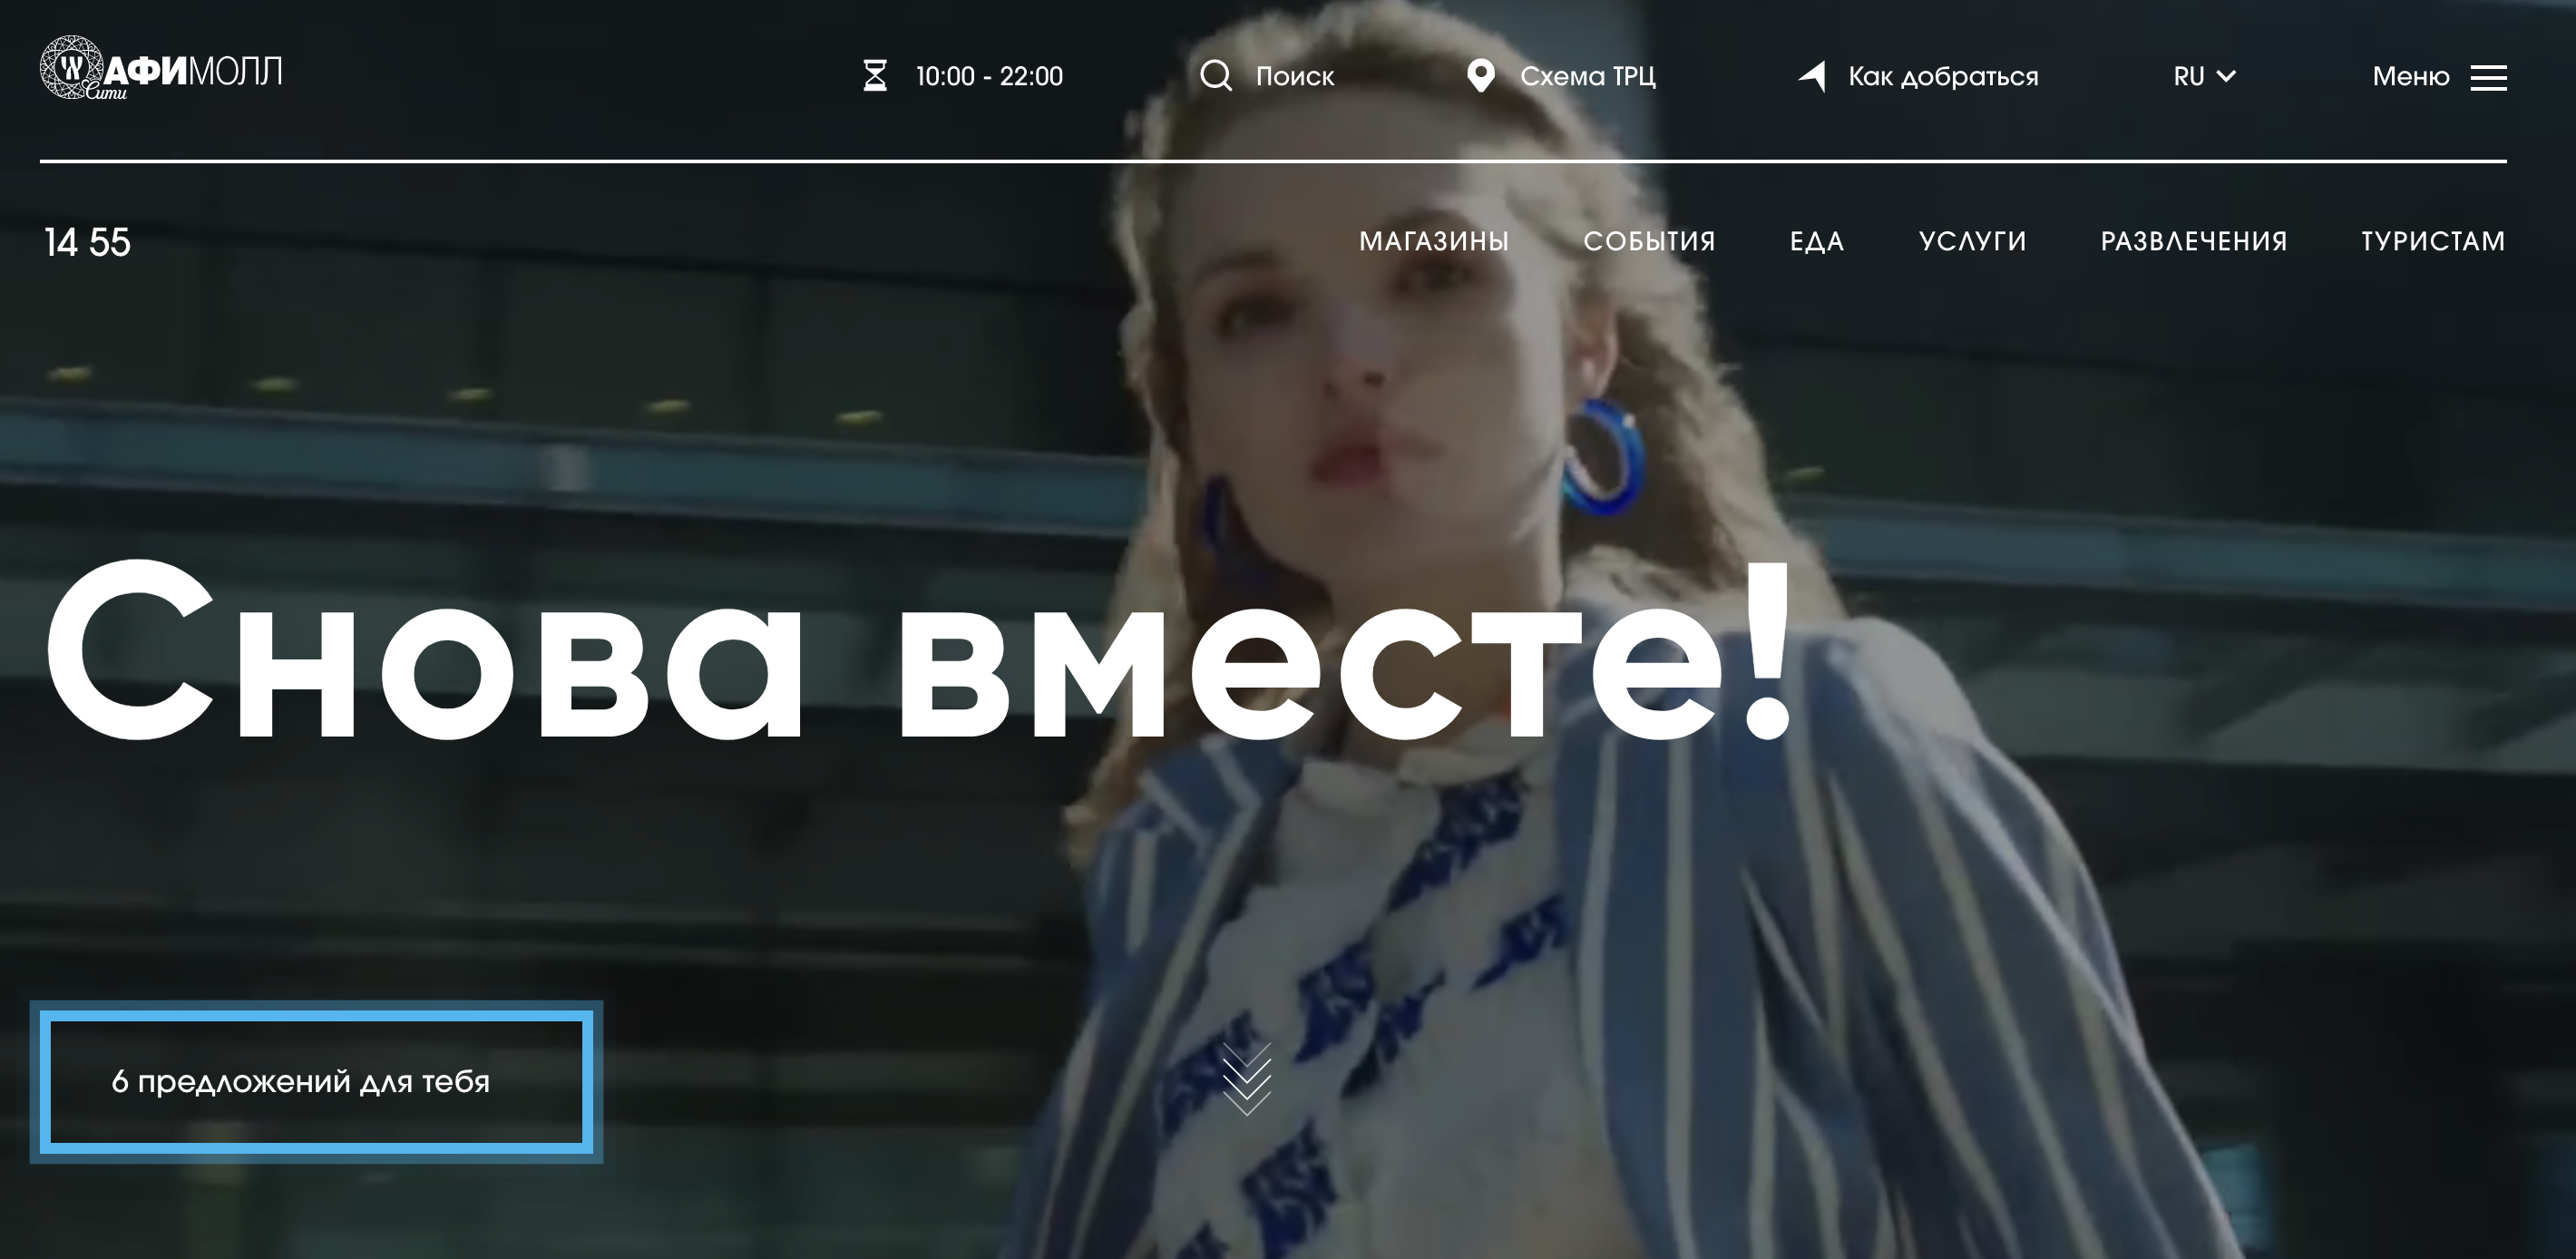 Лучшие торговые центры и аутлеты Москвы 2020